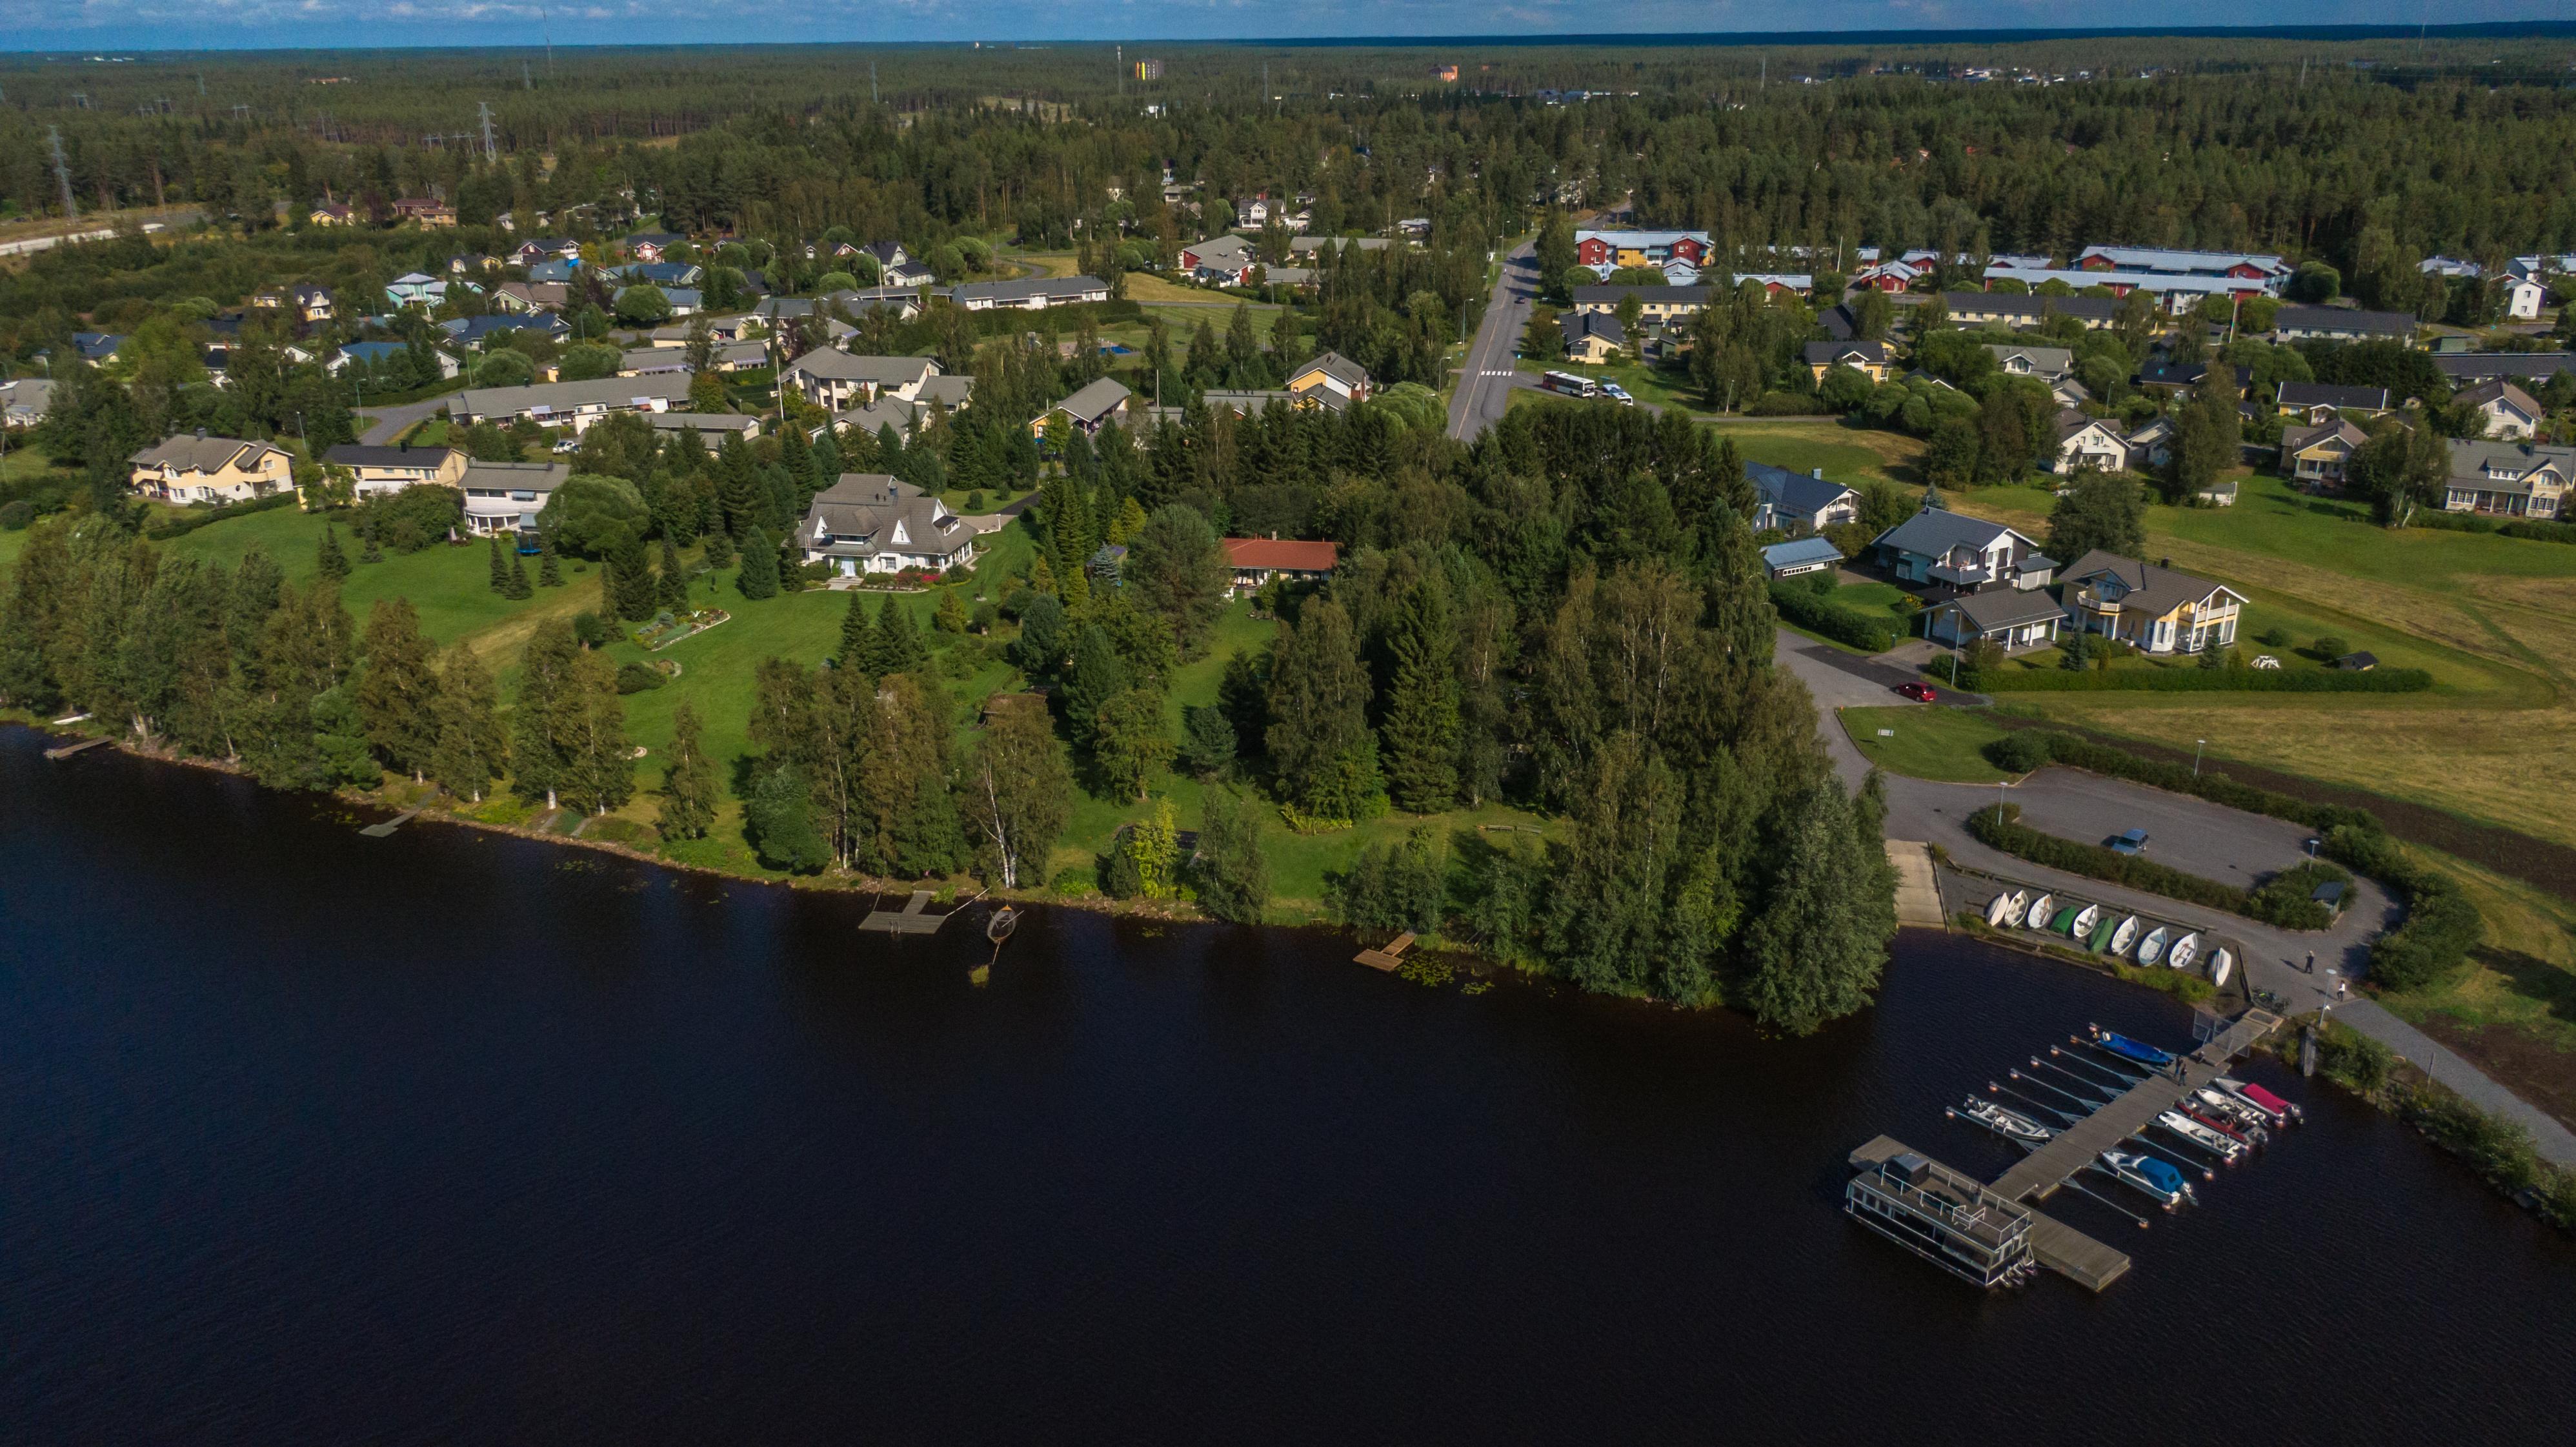 Ilmasta Oulun Saarelassa otettu kuva, jossa näkyy Oulujokea ja ranta-aluetta. Oikeassa alareunassa venelaituri. Monipuolista rakennuskantaa ja taustalla metsämaisemaa.